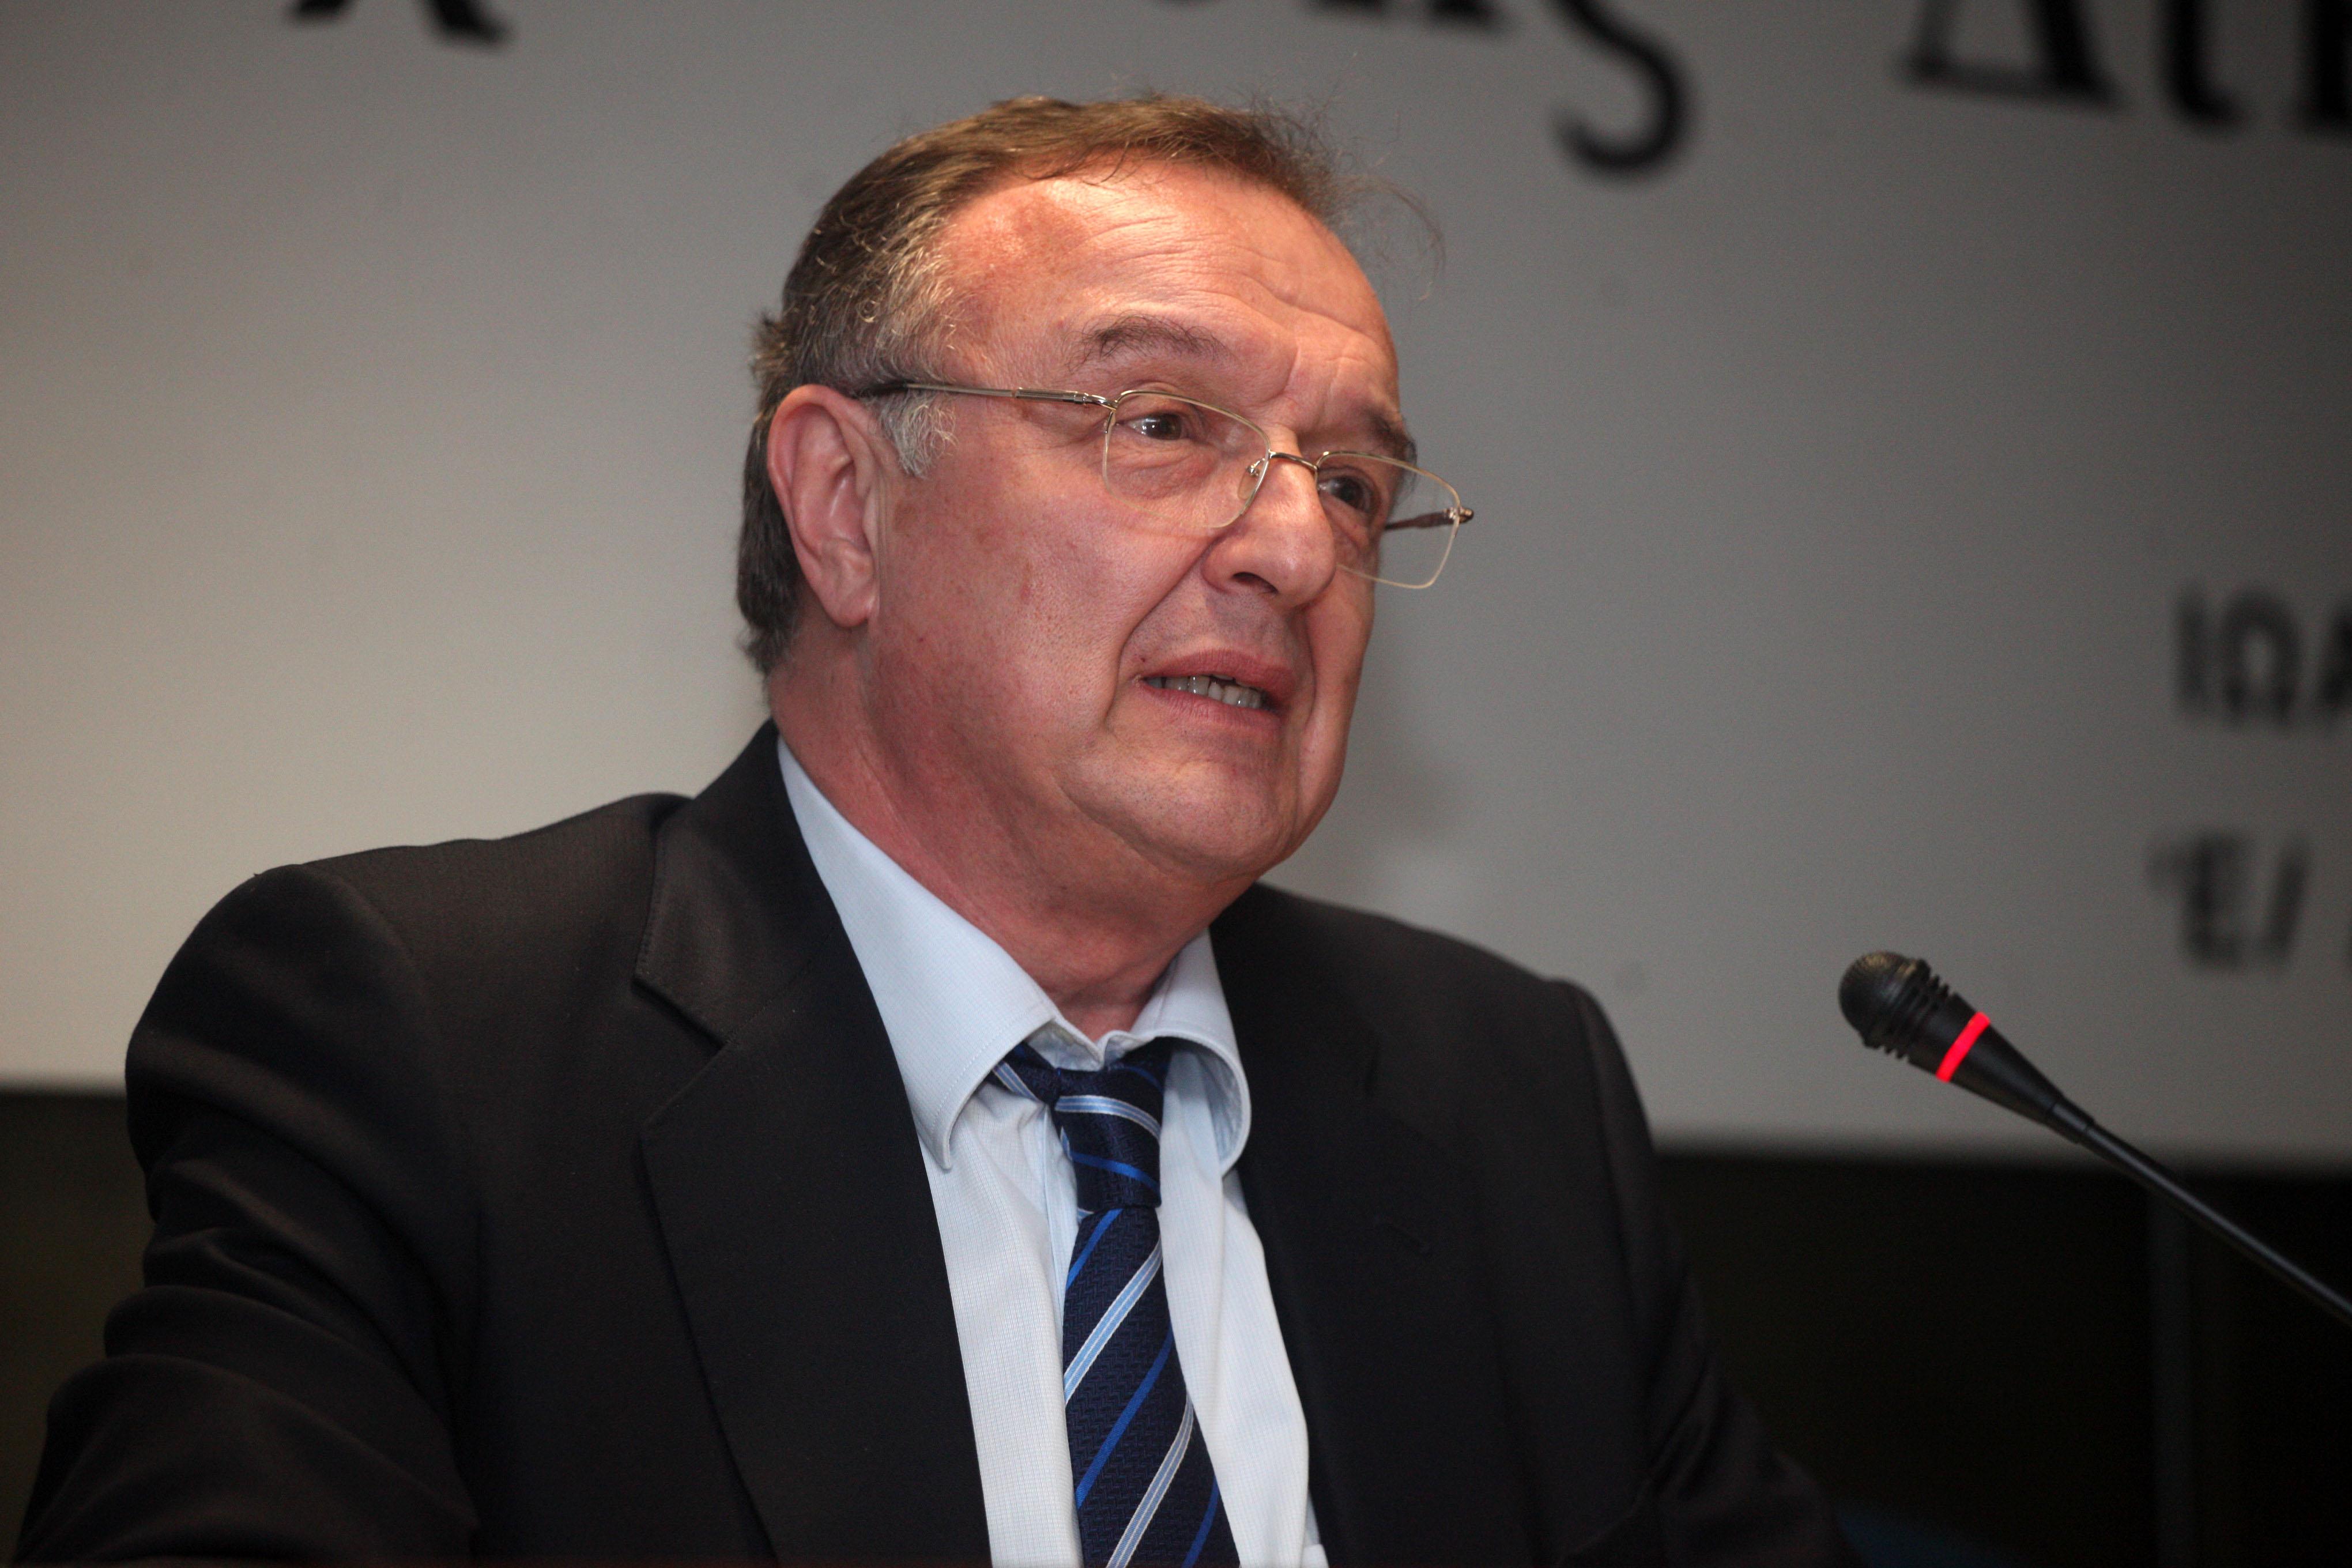 Ολομέλεια Δικηγορικών Συλλόγων: Προειδοποιεί για παραβίαση βασικών συνταγματικών διατάξεων και όχι μόνο…